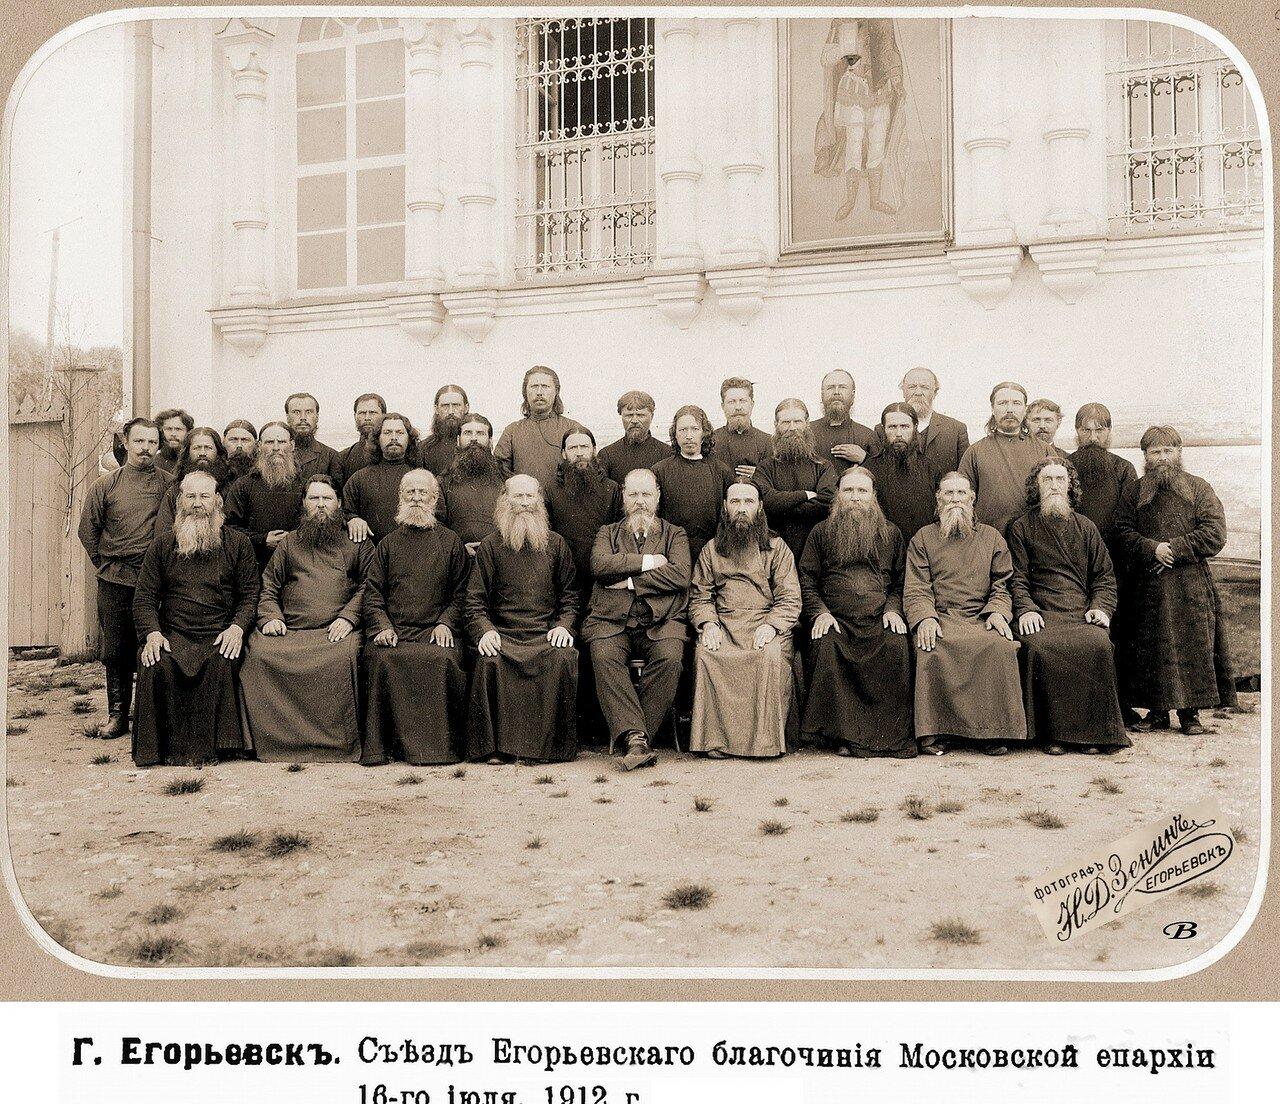 Съезд Егорьевского благочиния Московской Епархии. 1912